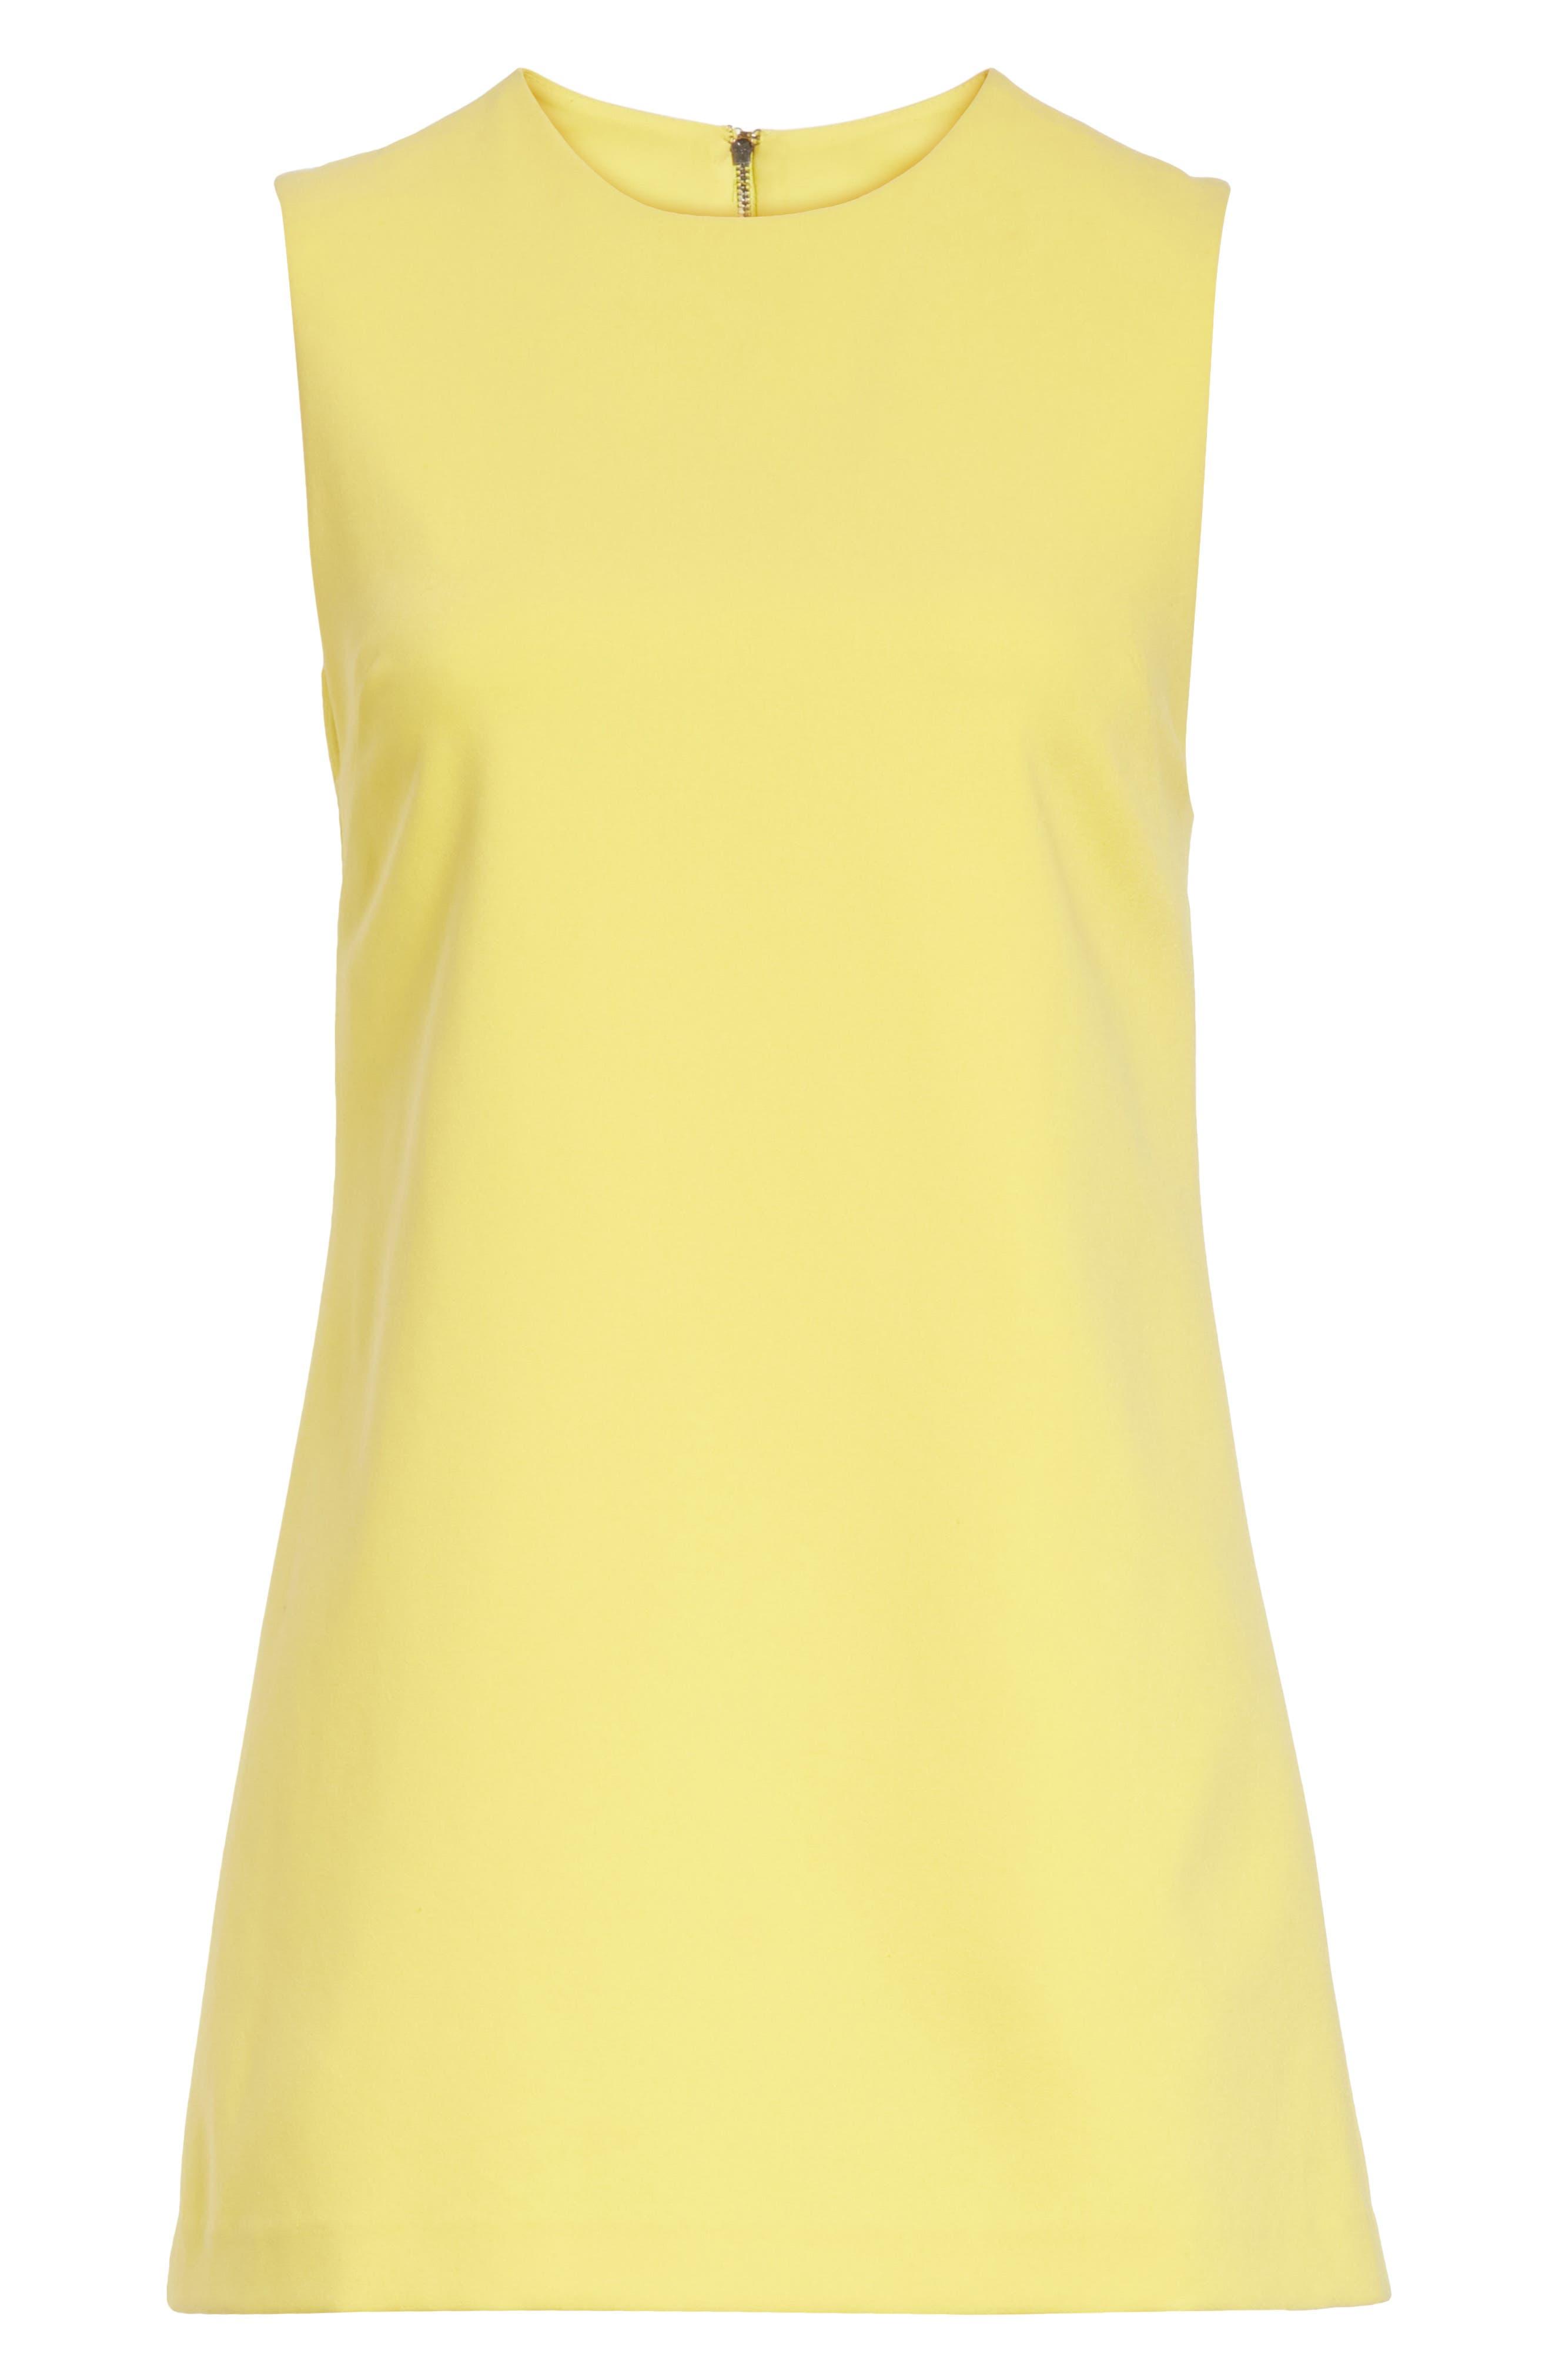 Coley A-Line Dress,                             Alternate thumbnail 6, color,                             708